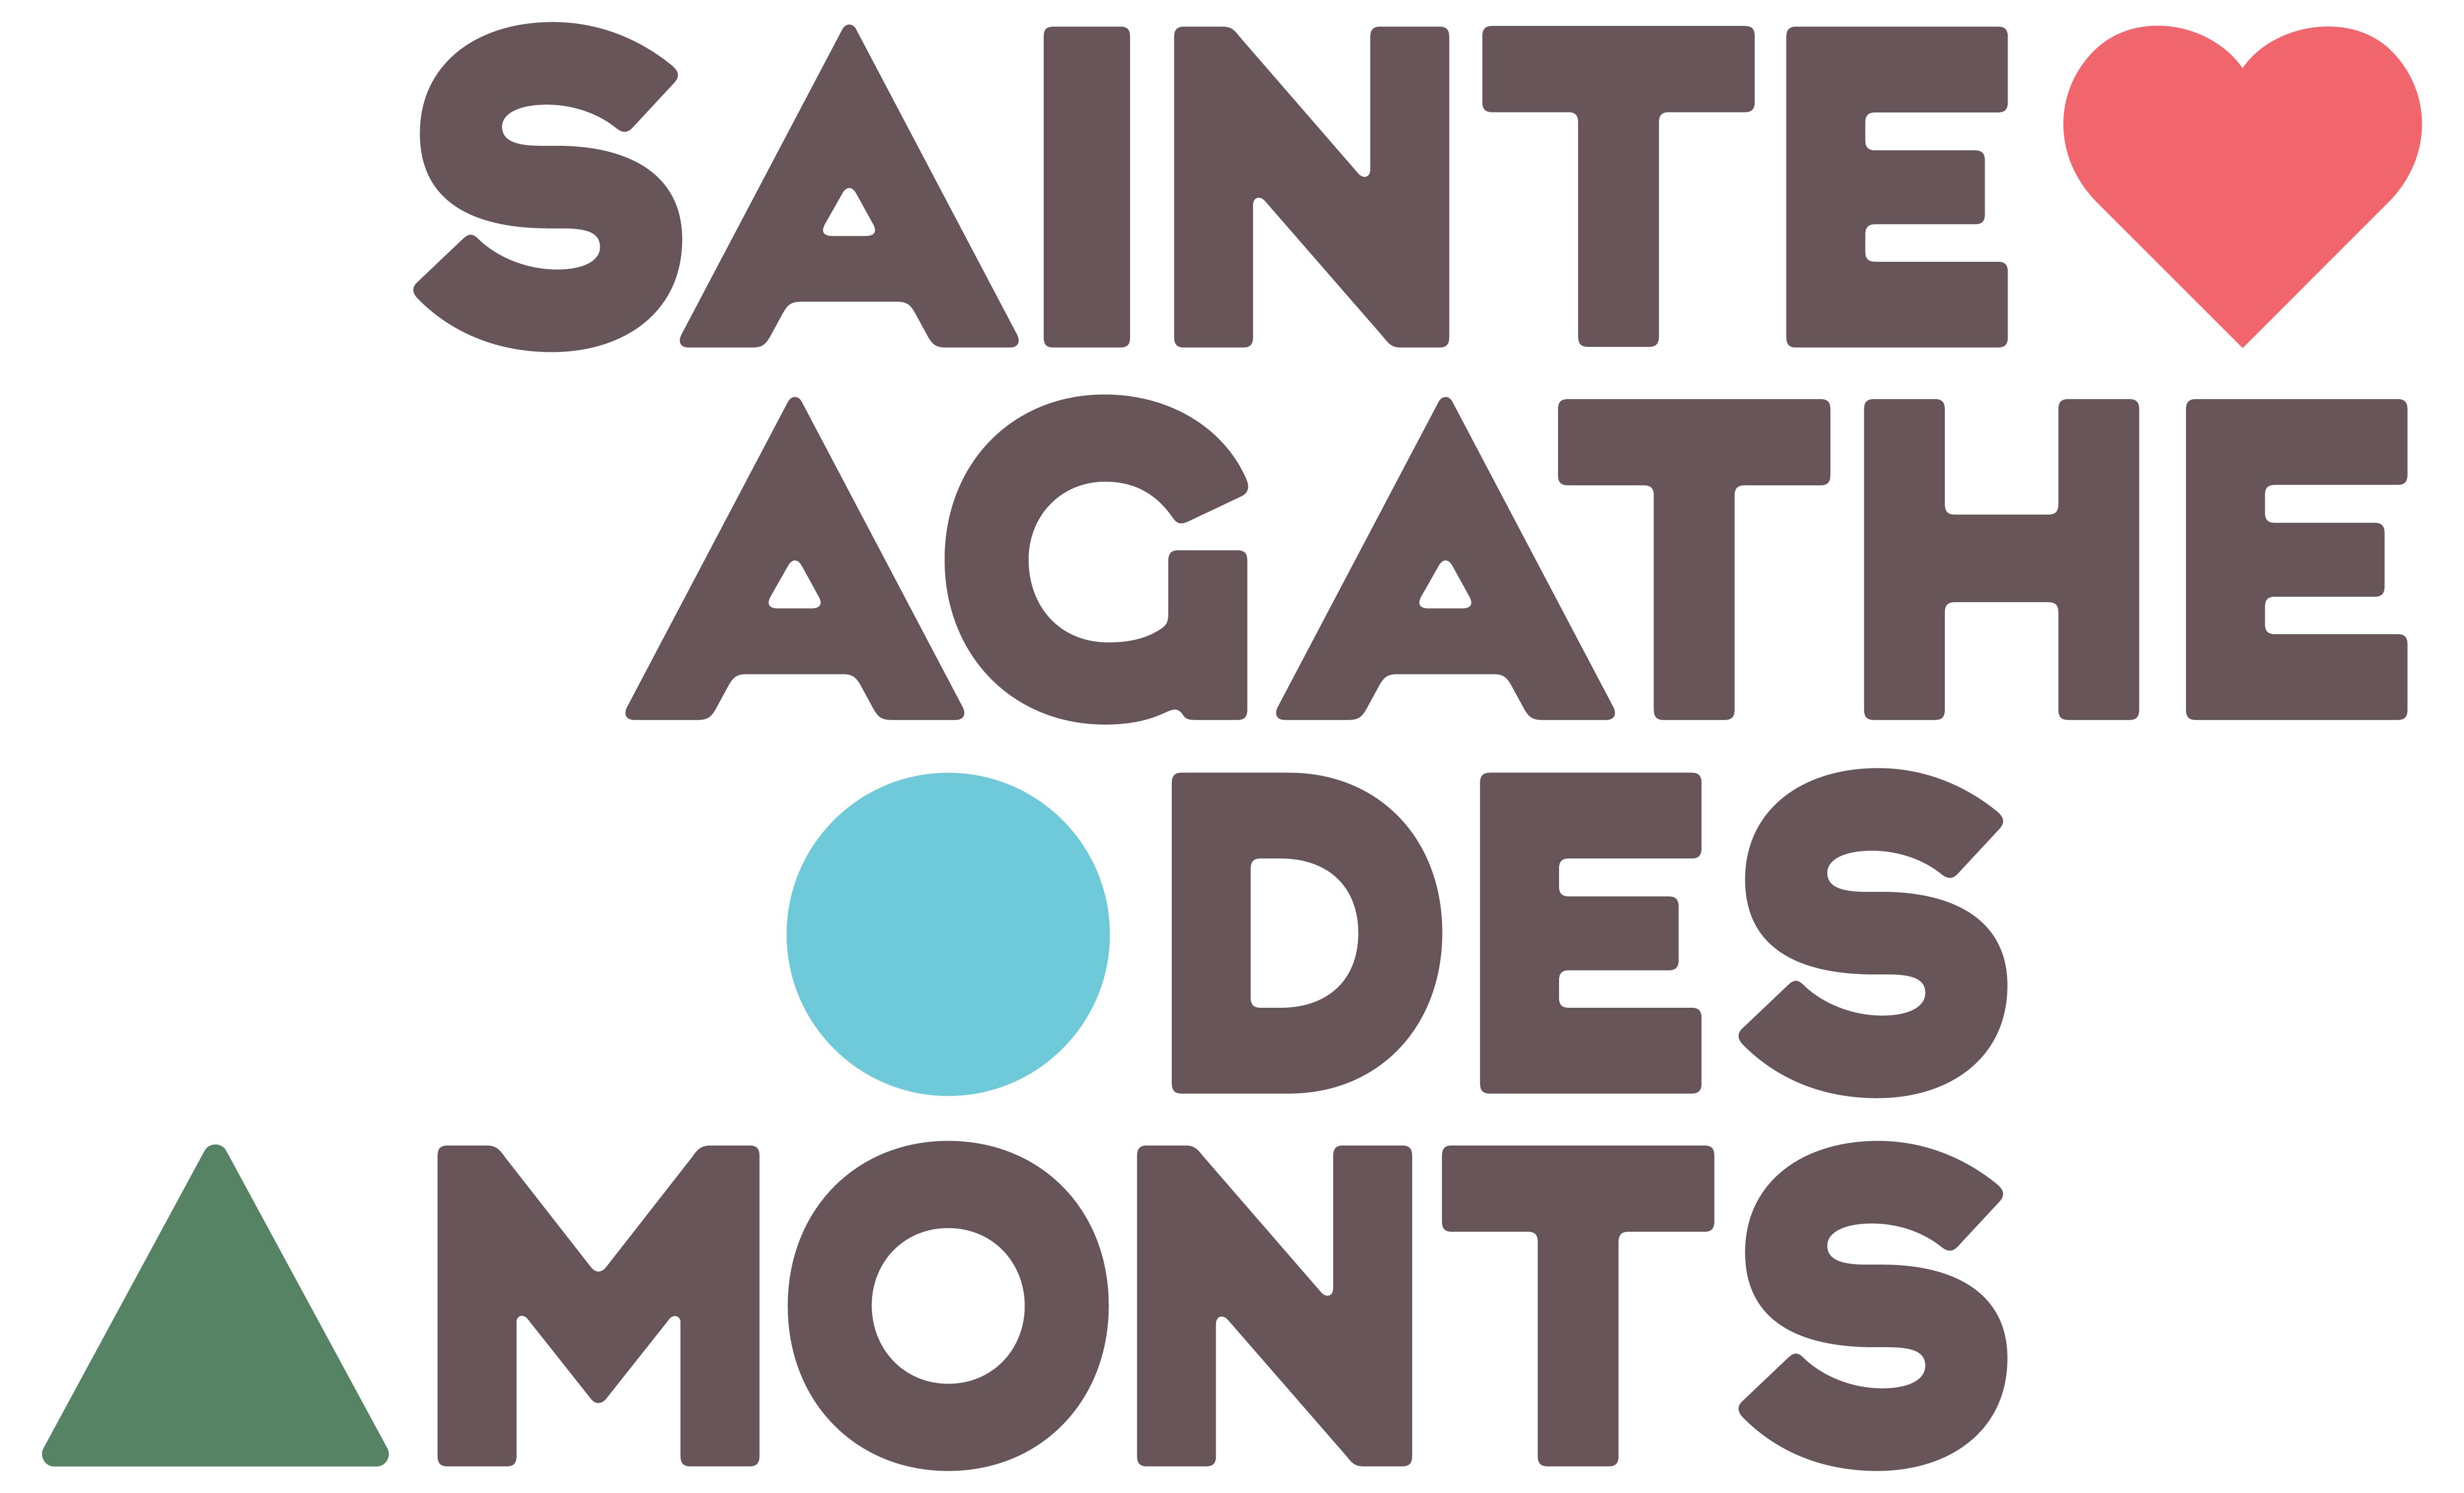 Ste-Agathe-des-Monts